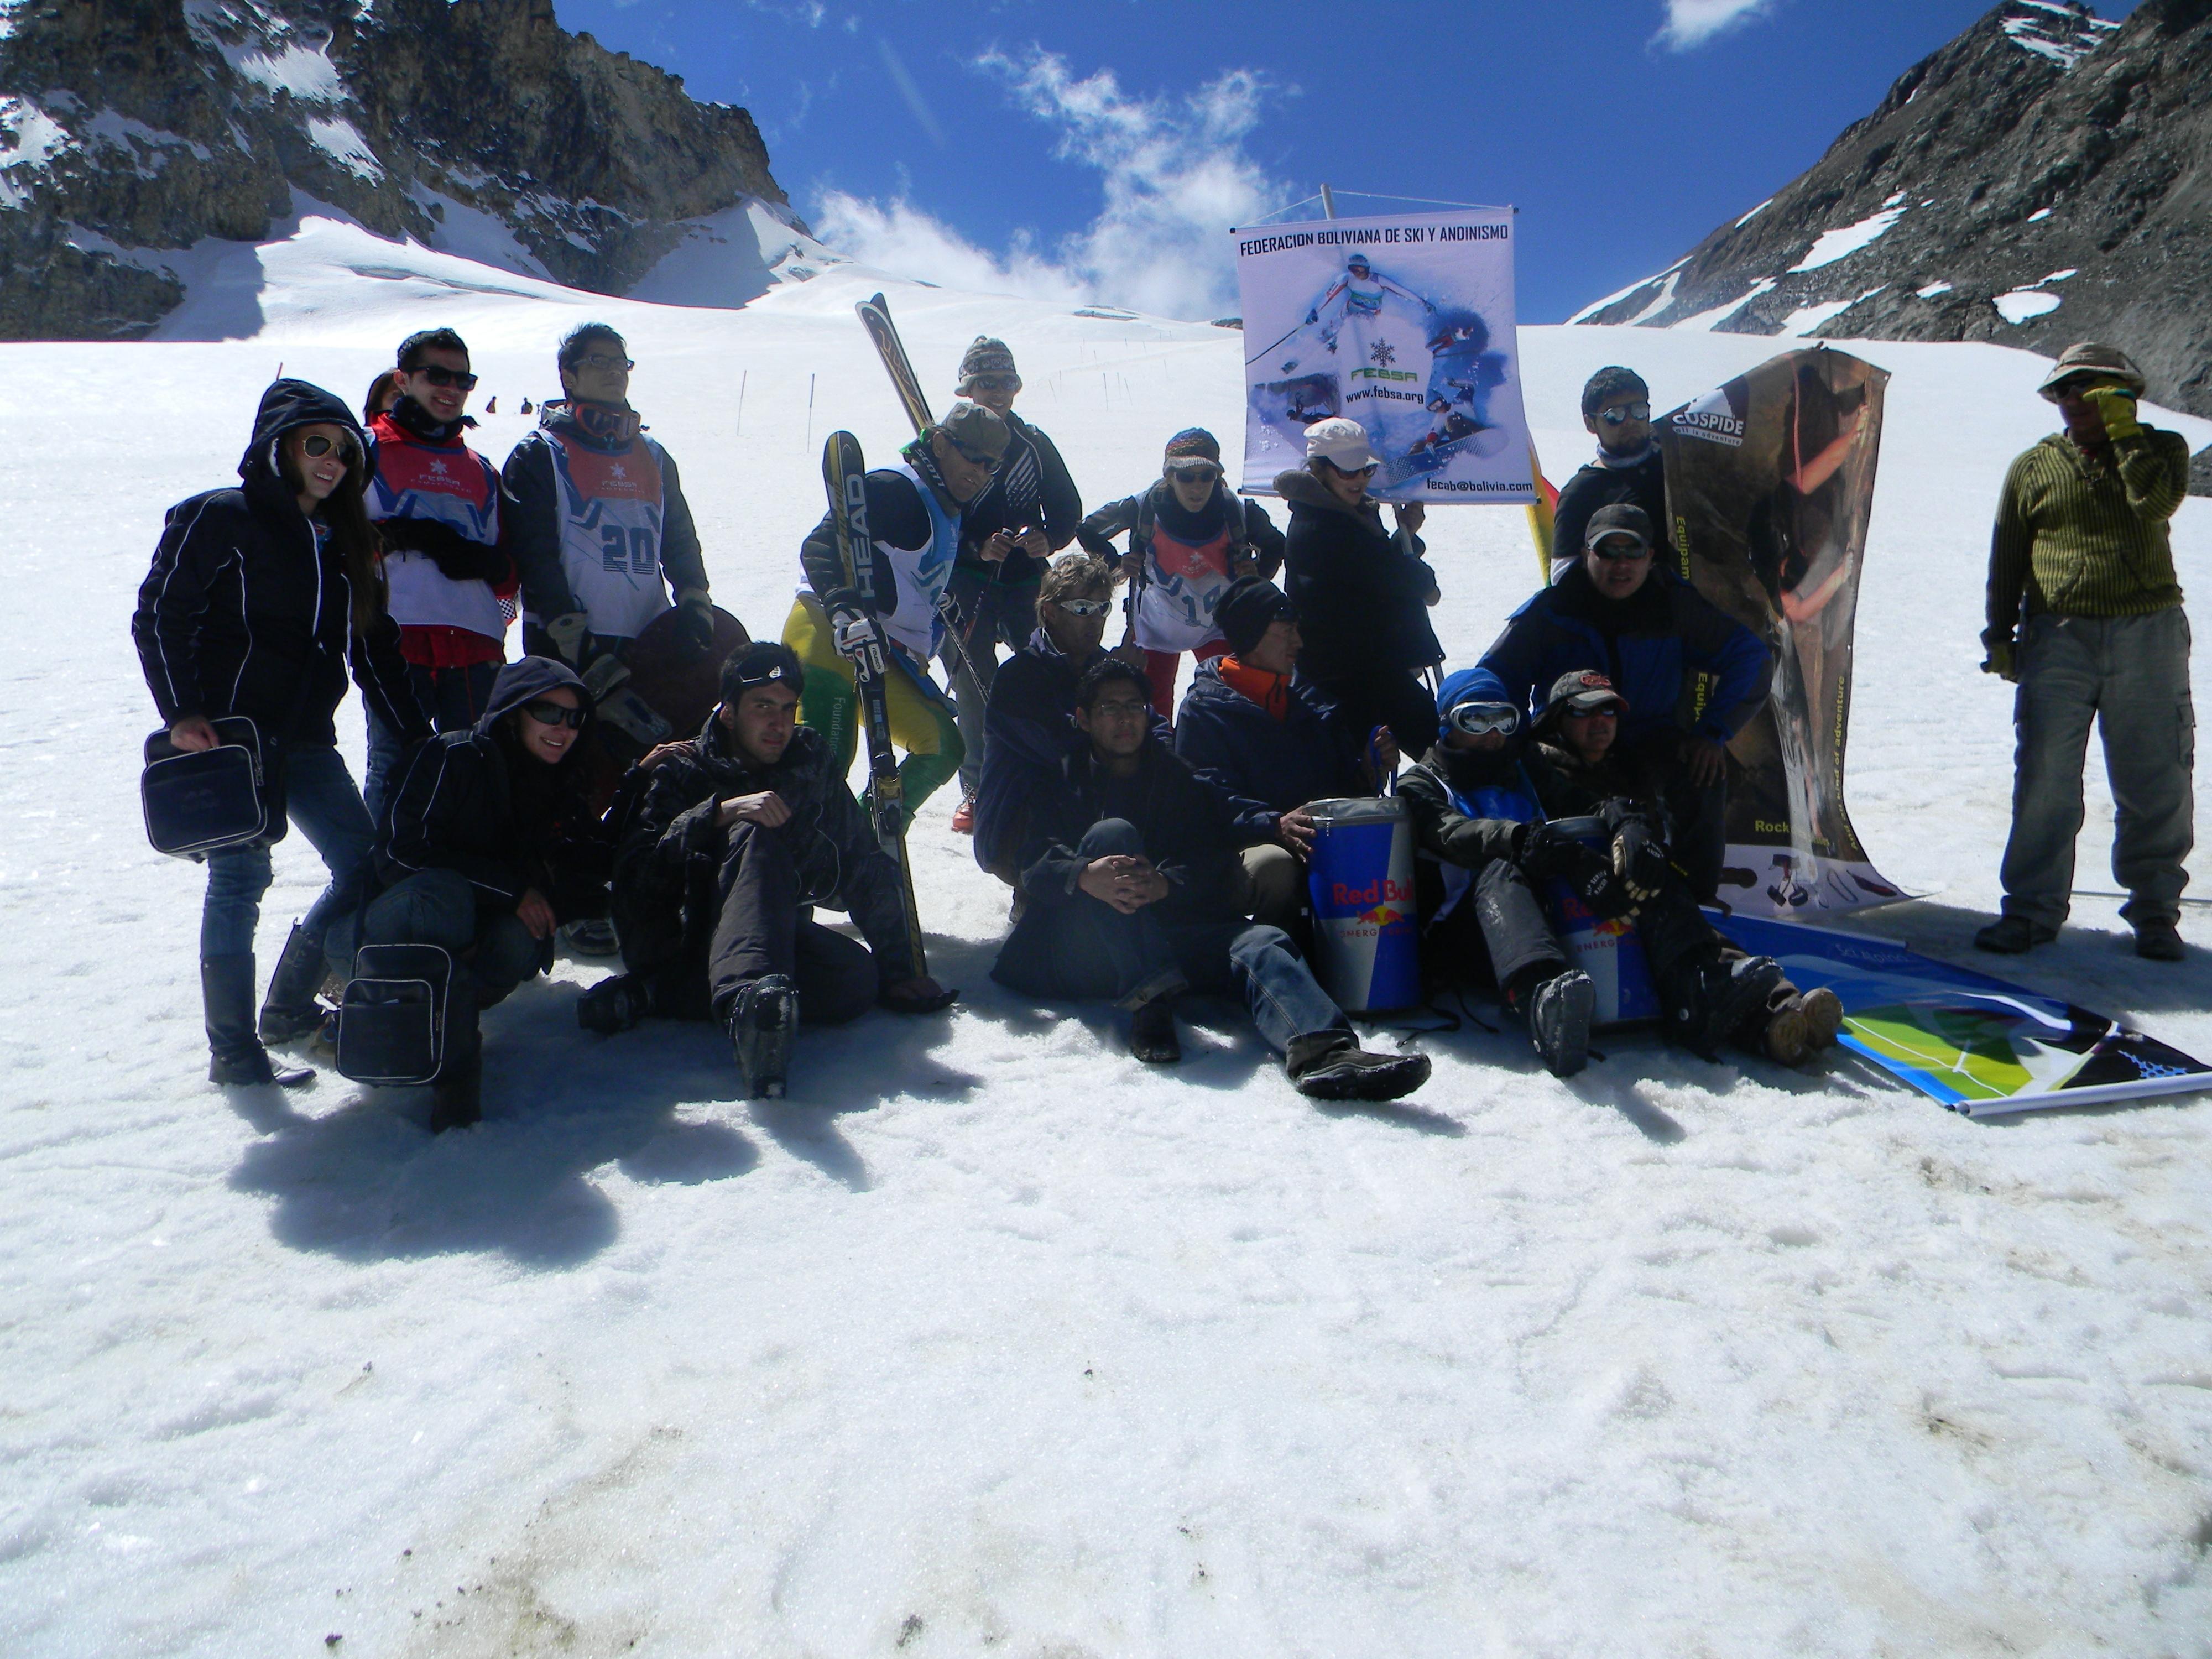 charkini campeonato de ski 2011, Chacaltaya